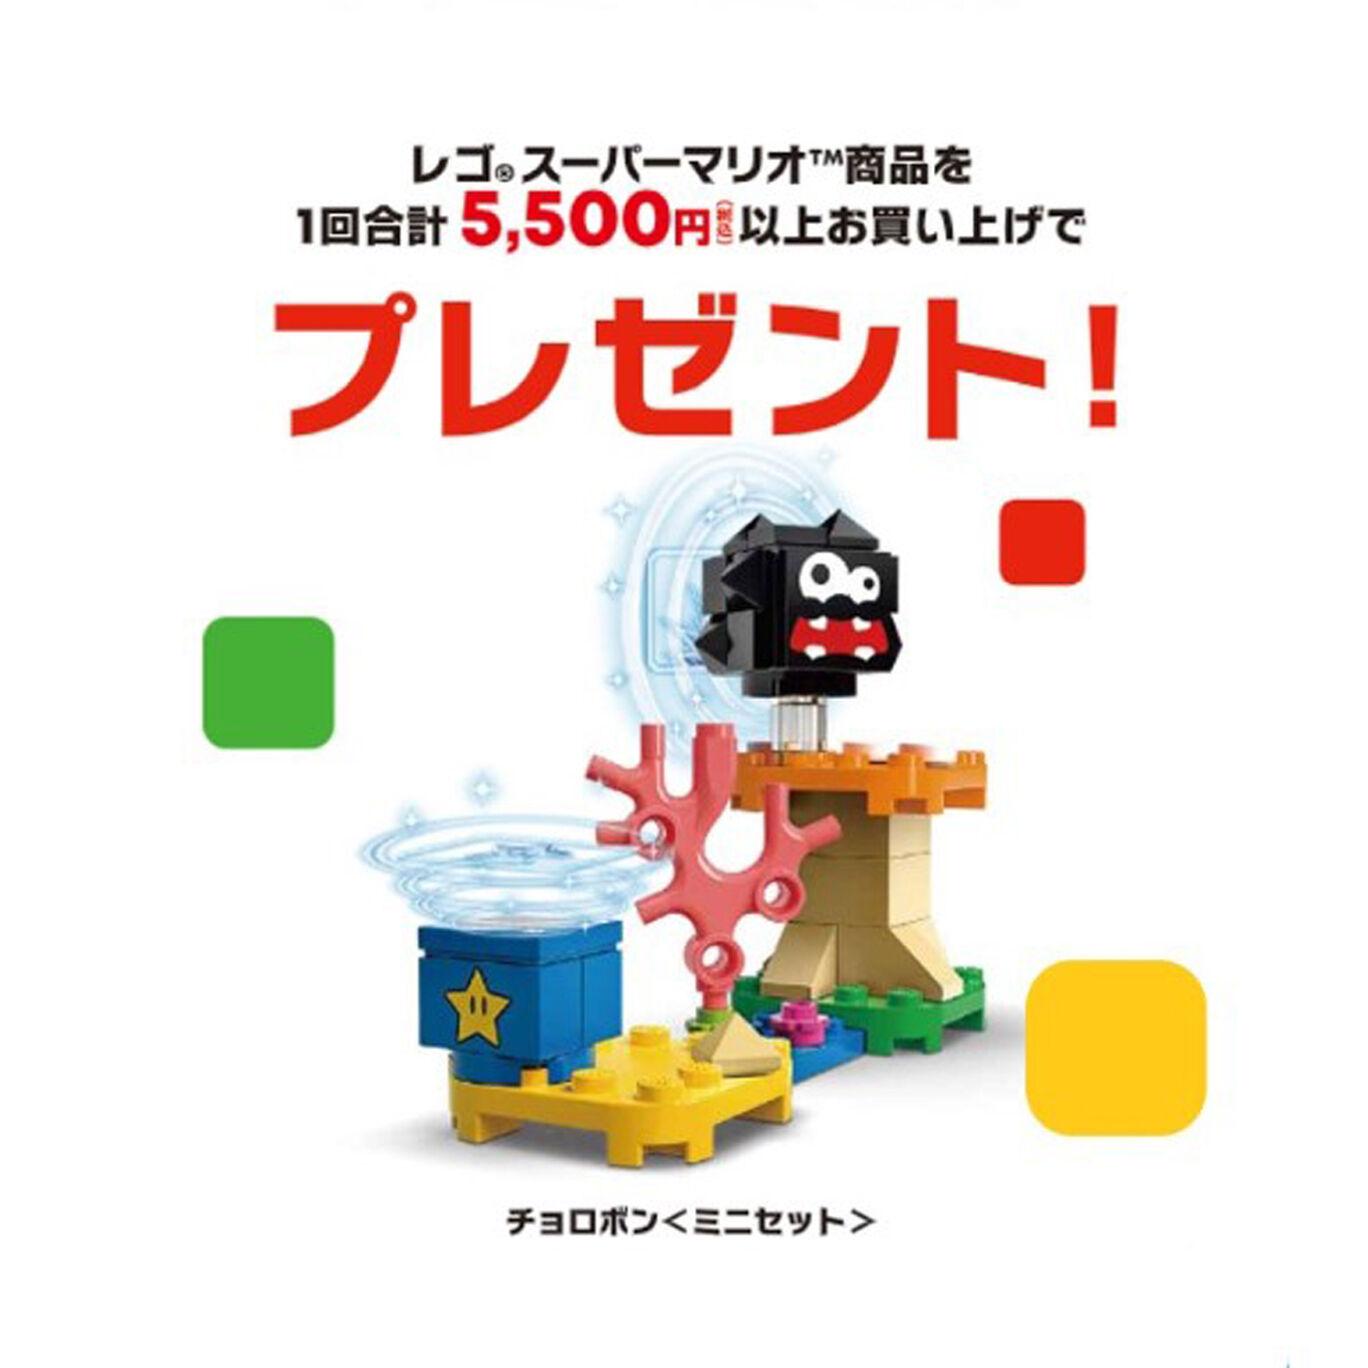 レゴ(R)スーパーマリオ キャラクター パック シリーズ 2